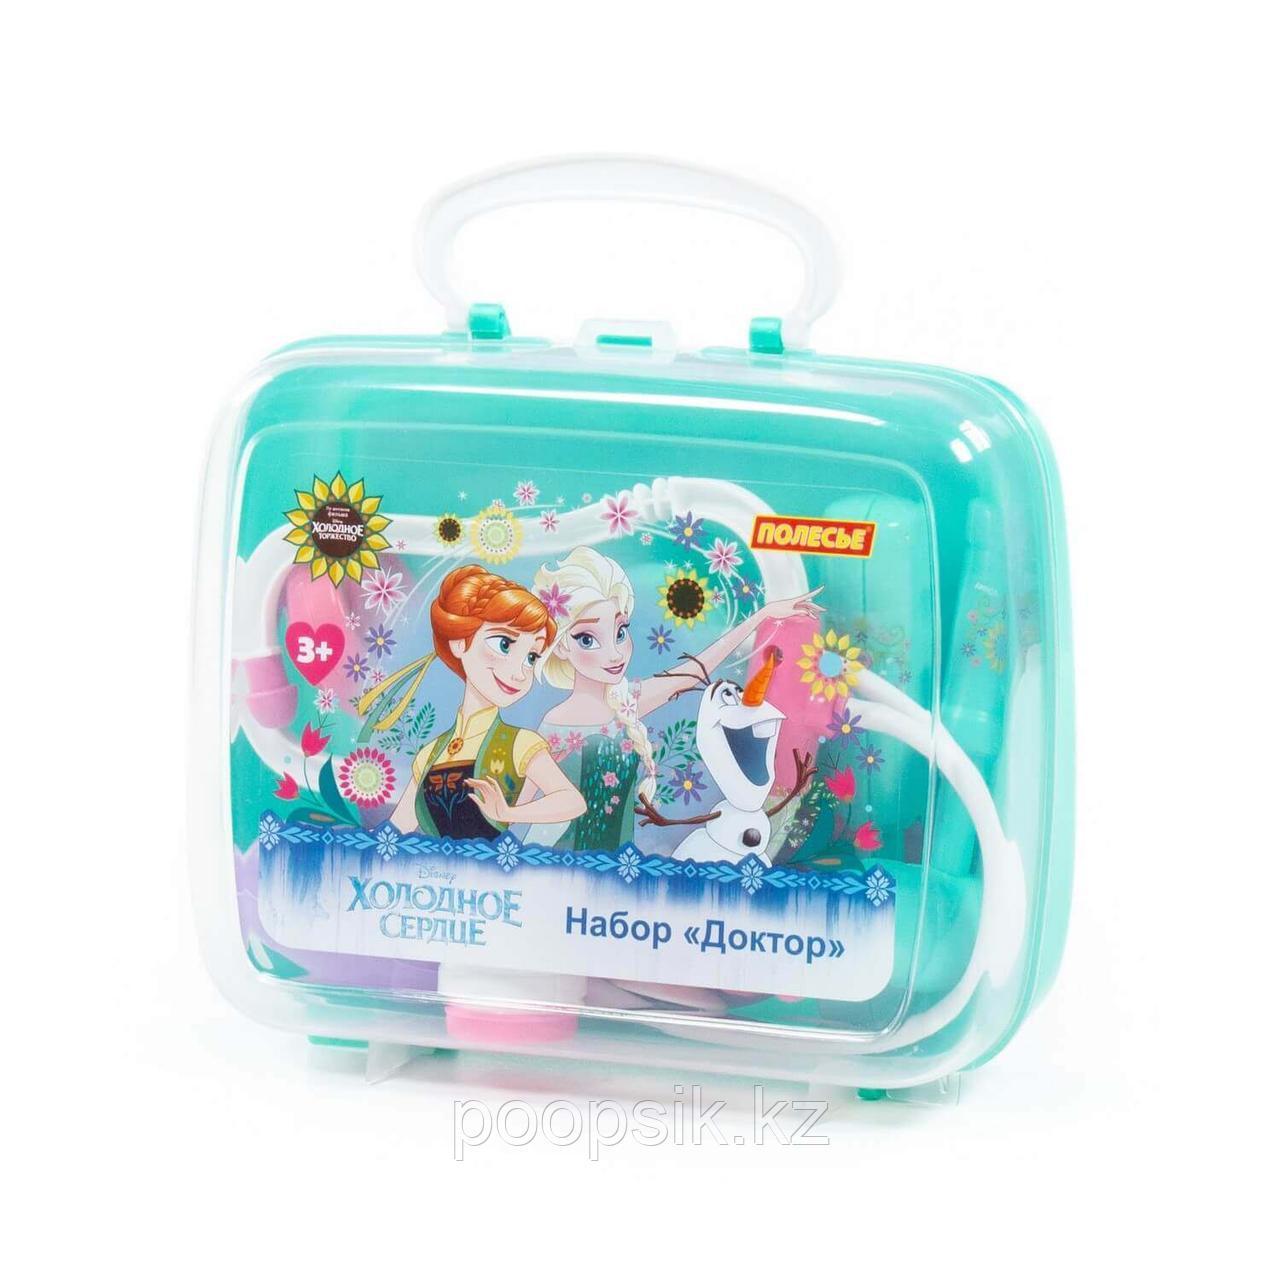 Игровой набор Доктор (Холодное сердце) в чемоданчике Полесье 73204 - фото 2